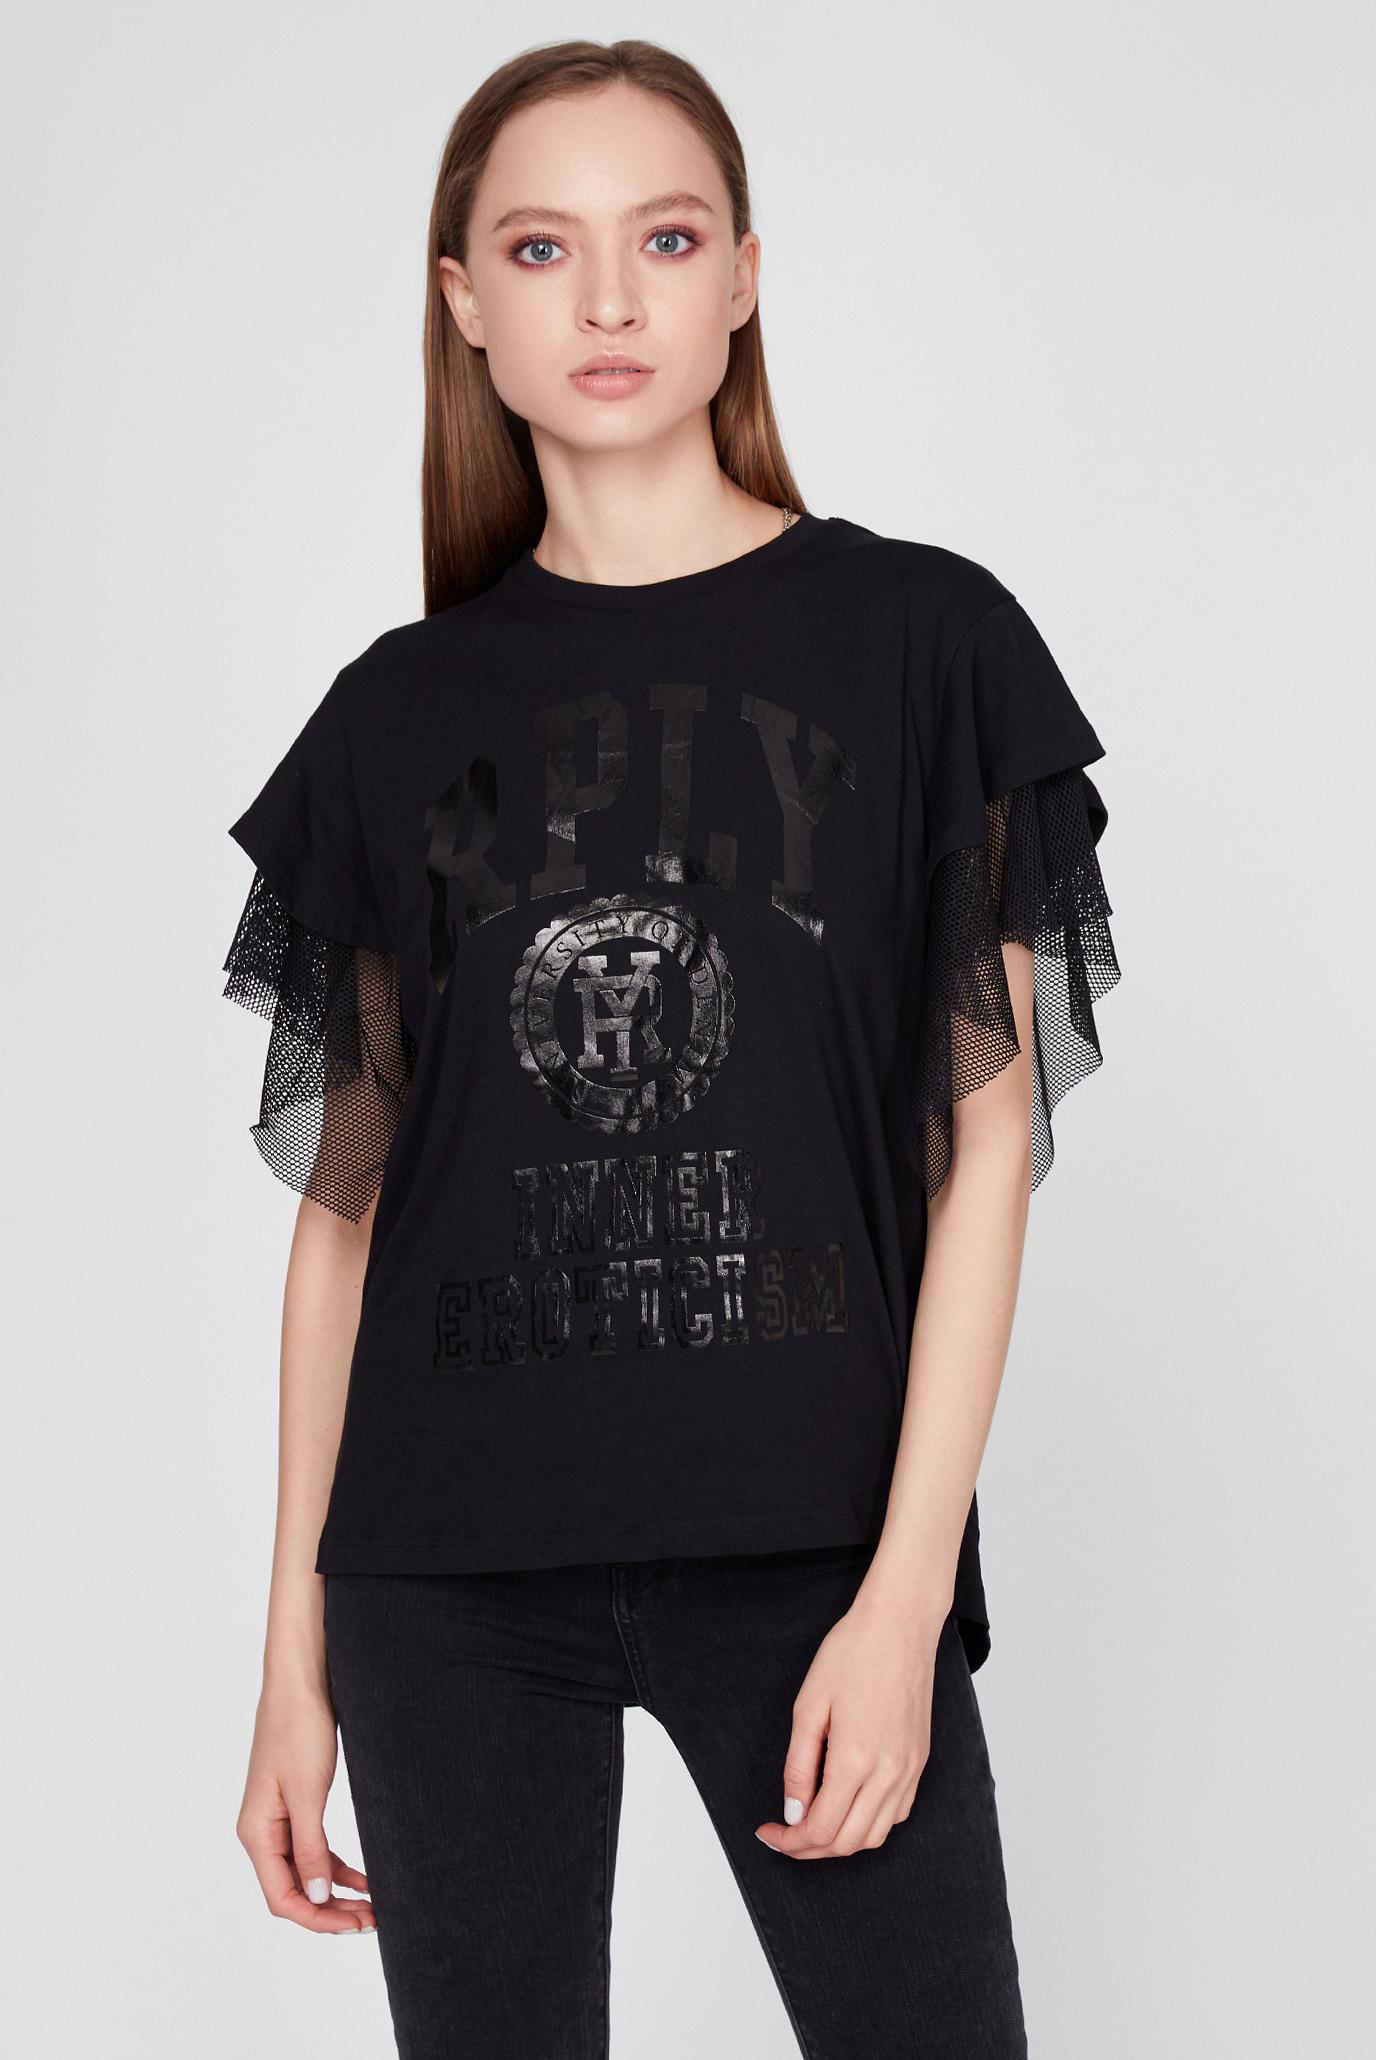 Жіноча чорна футболка з принтом 1